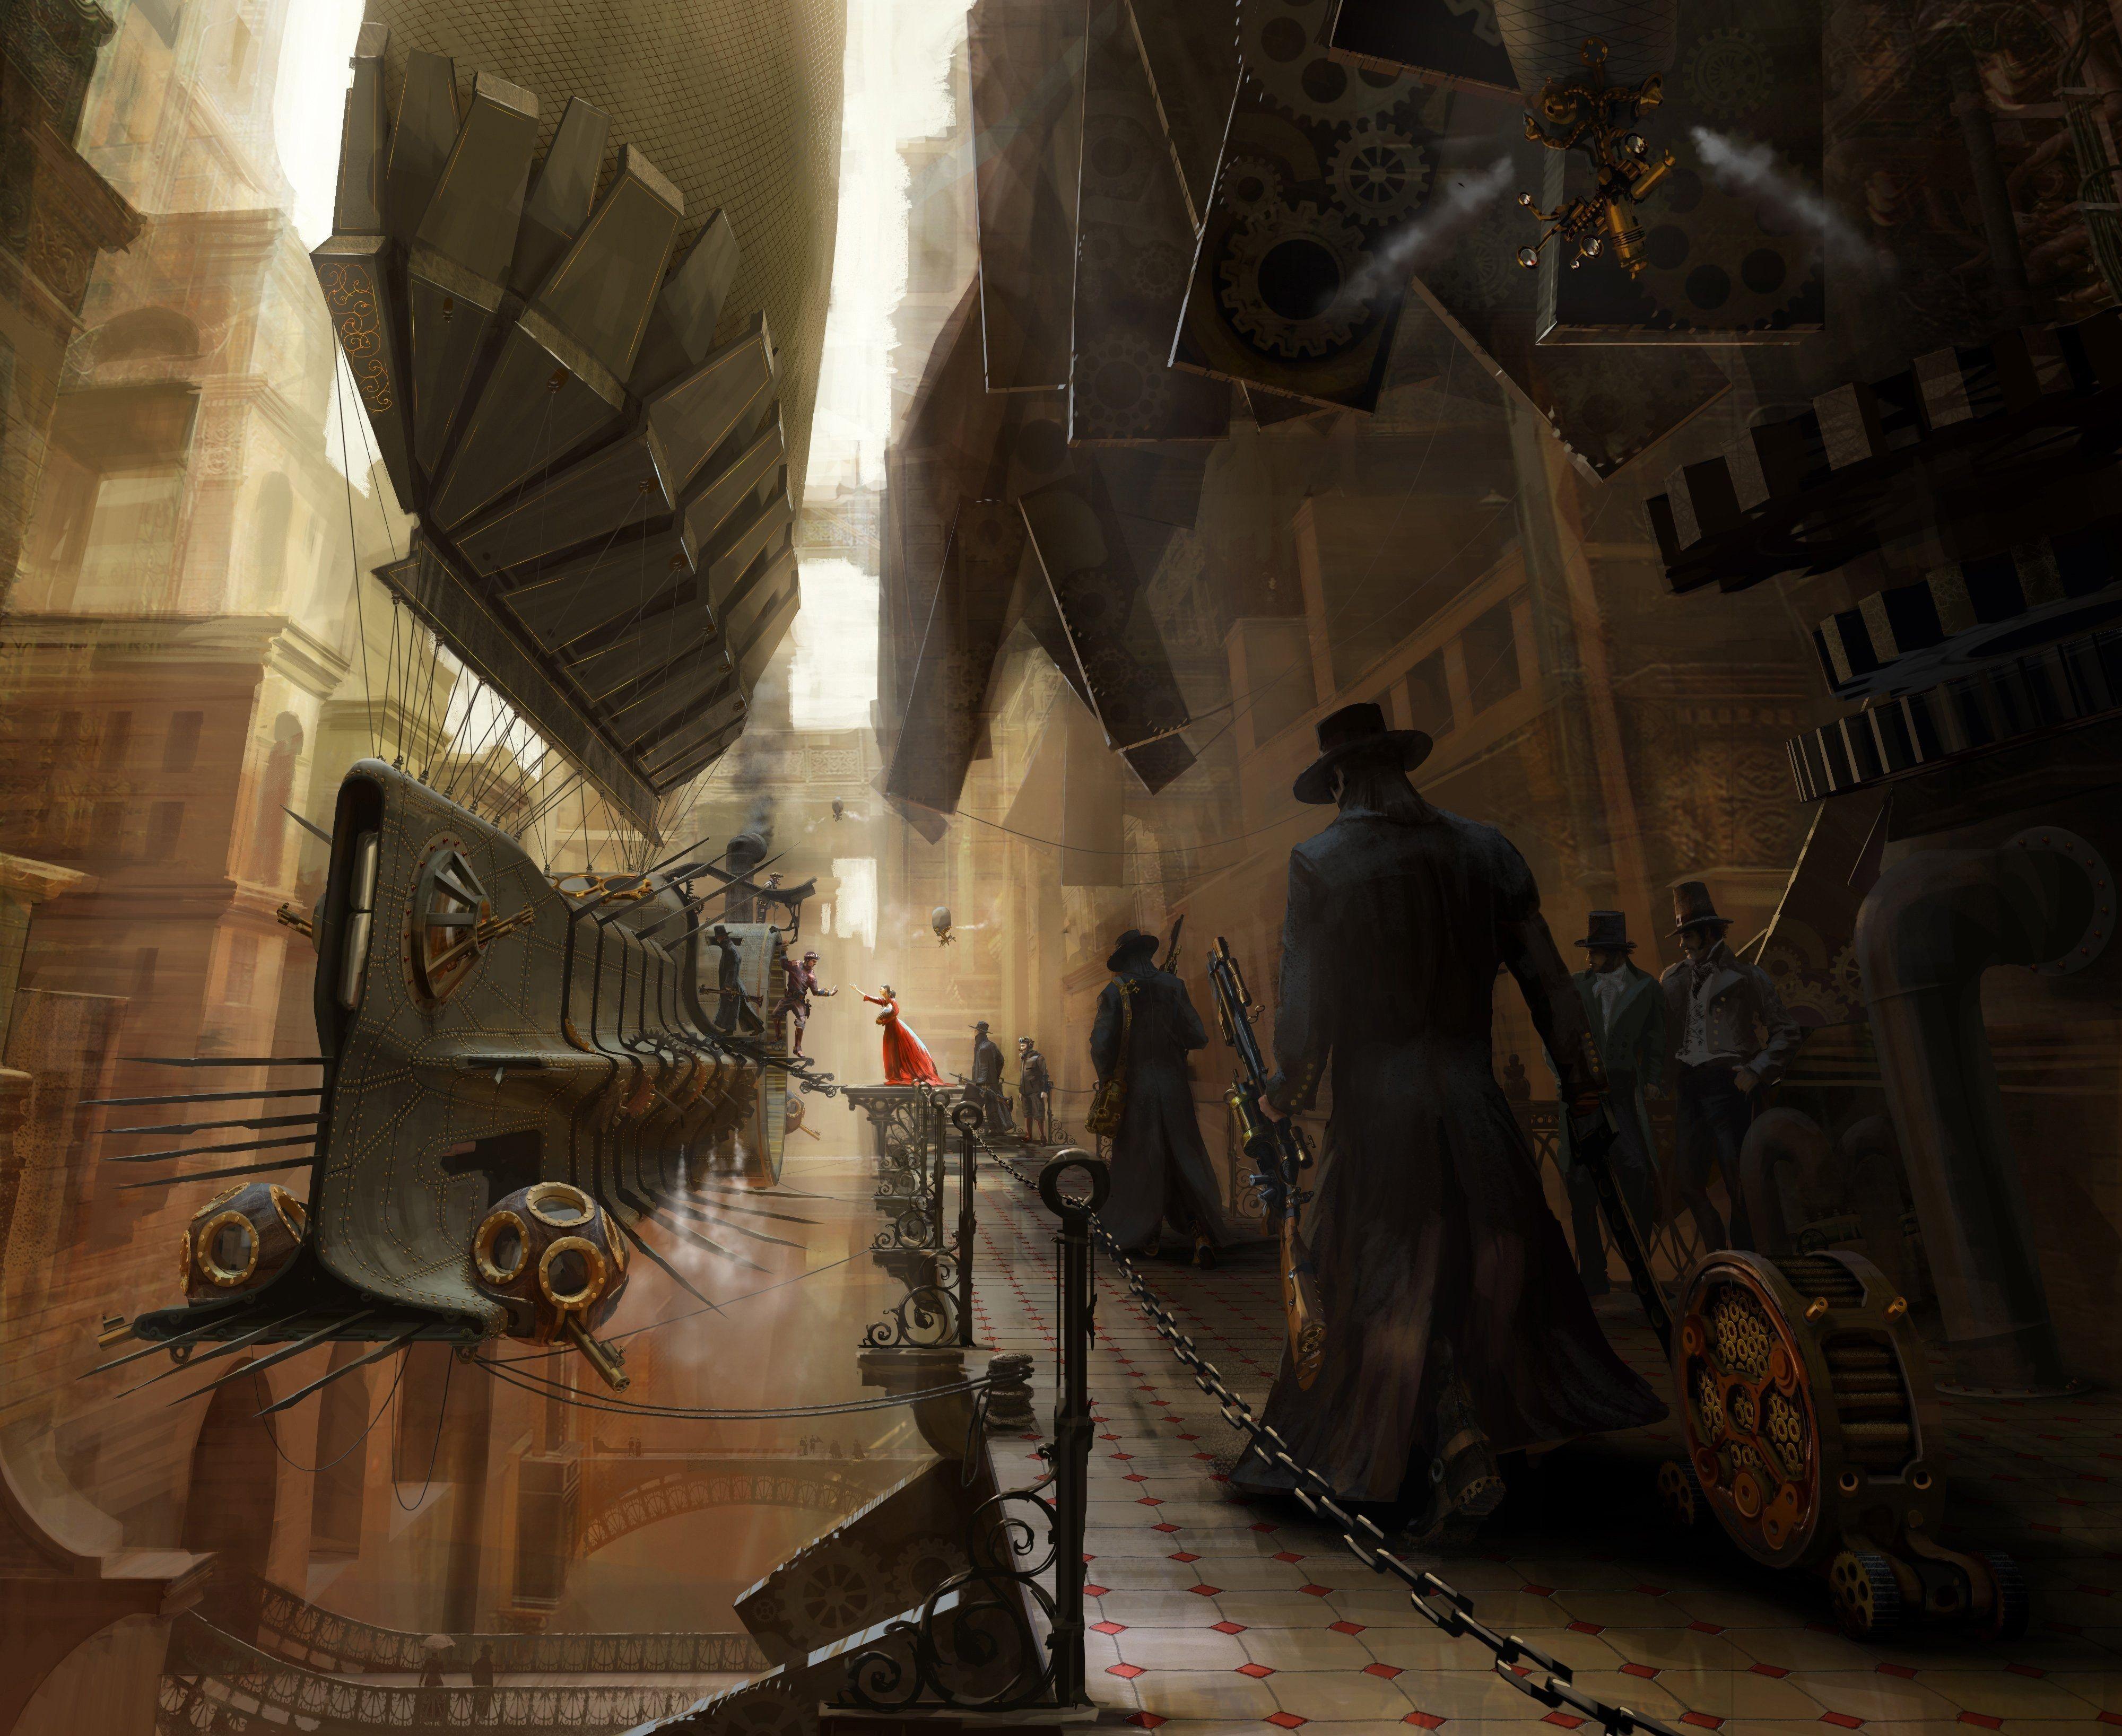 Resultado De Imagem Para Steampunk City Concept Art Steampunk Wallpaper Steampunk City Steampunk Ship